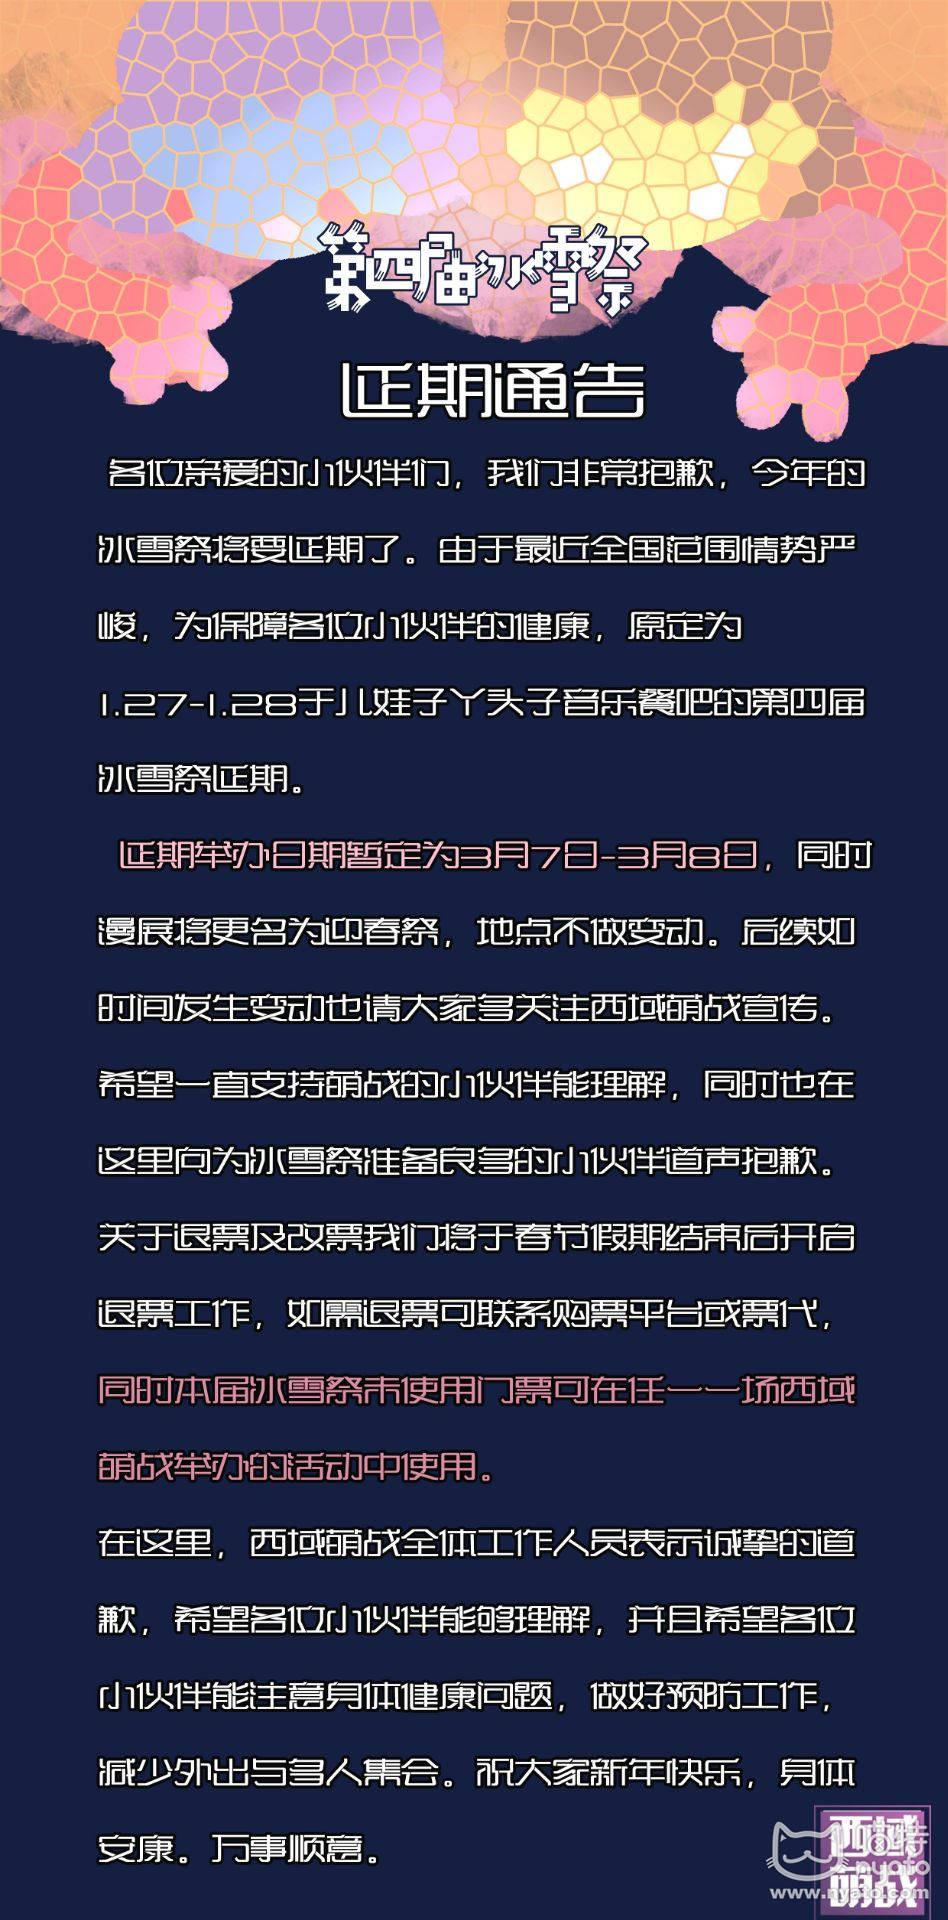 QQ图片20200123174950.jpg